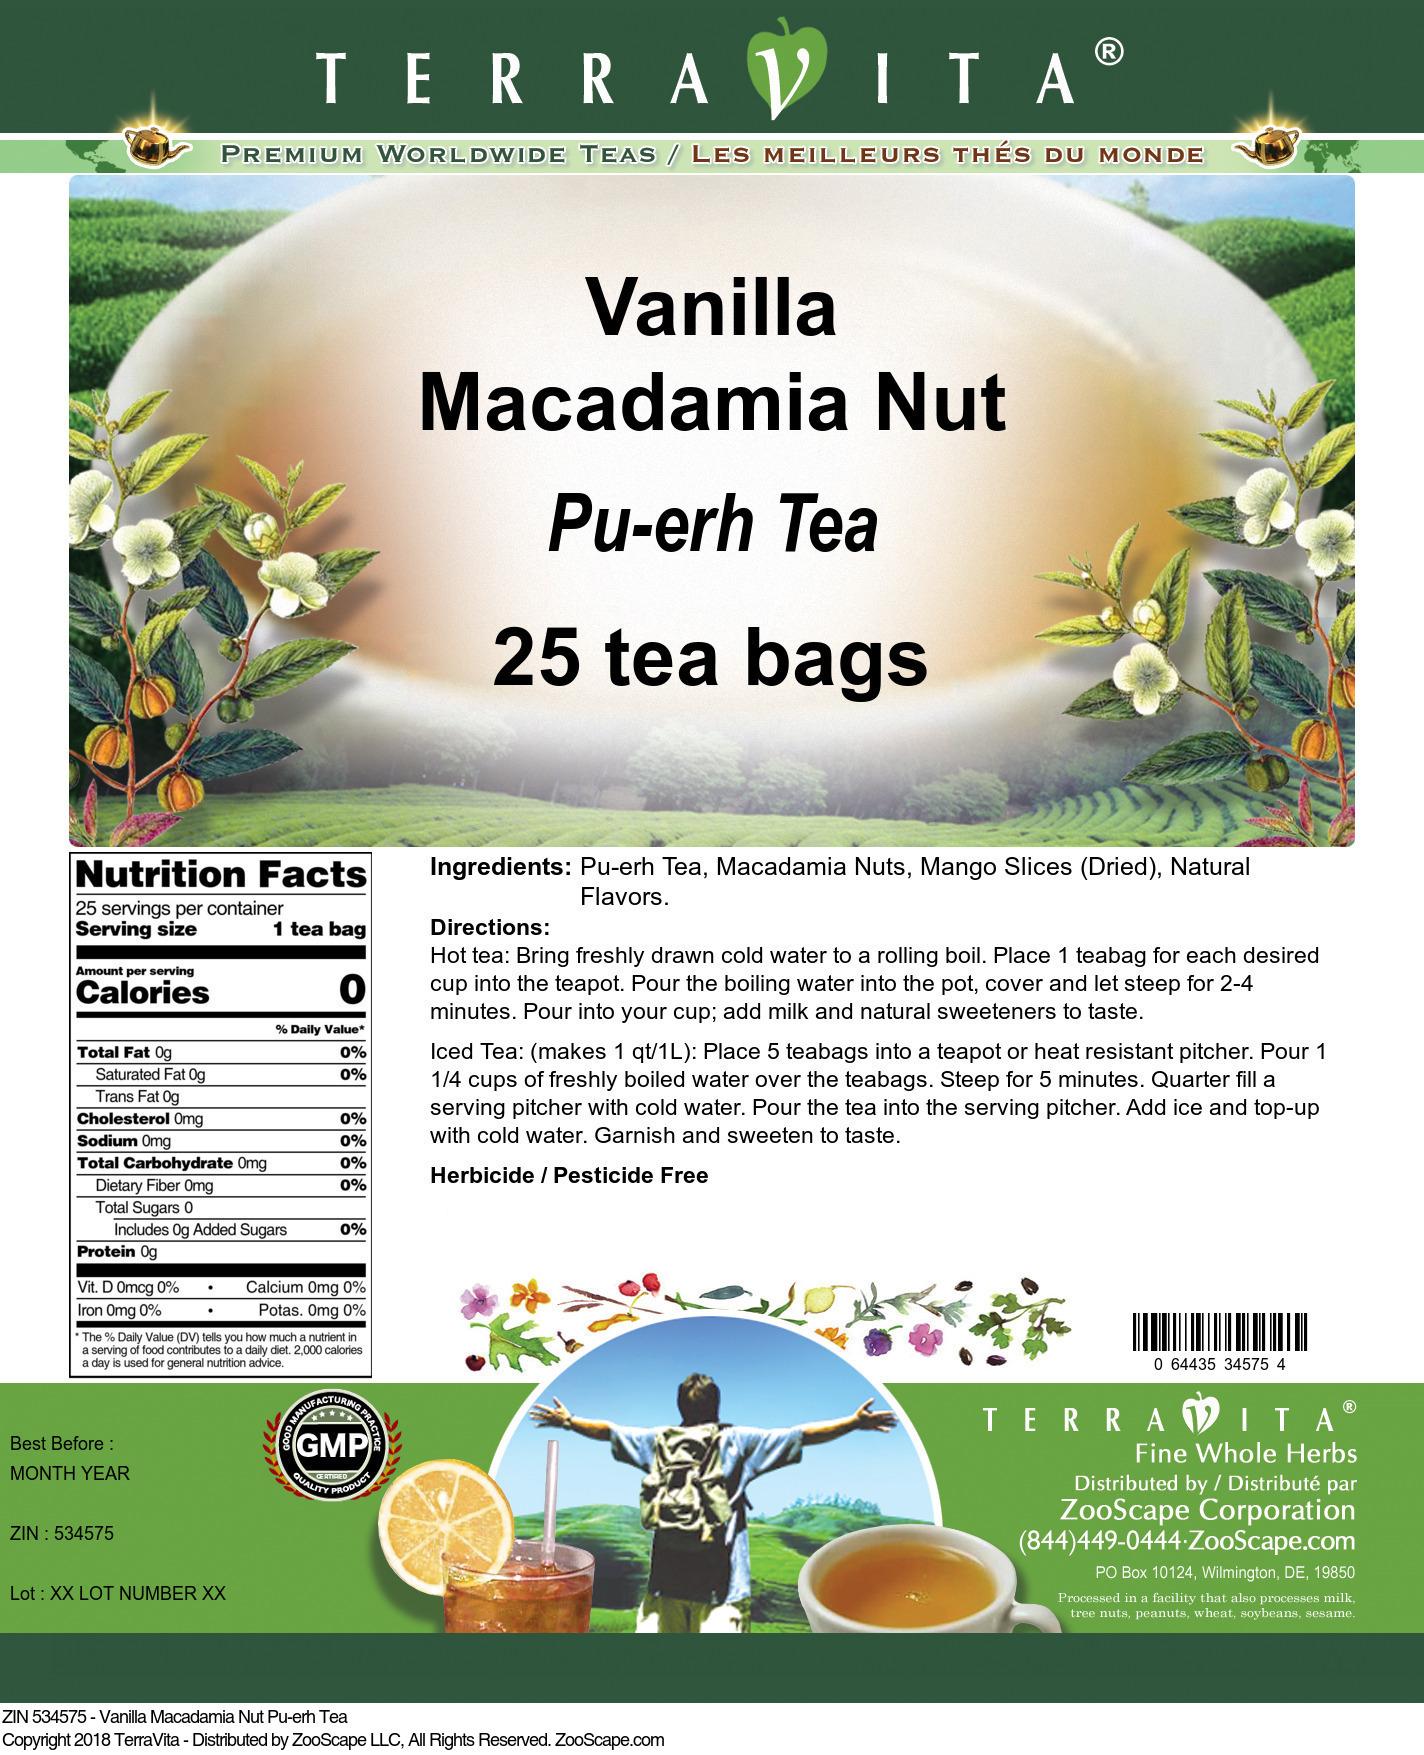 Vanilla Macadamia Nut Pu-erh Tea